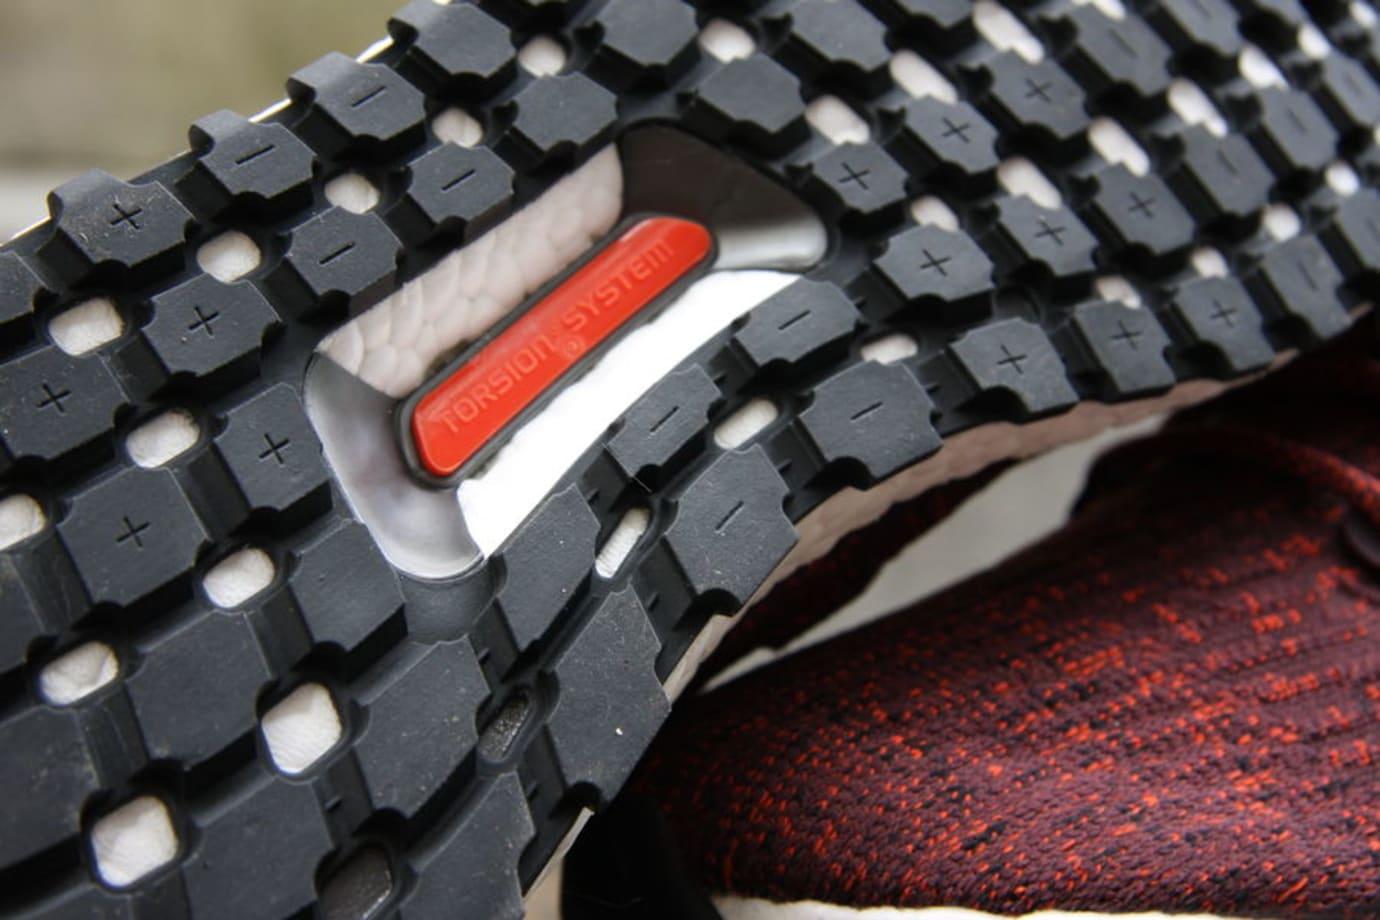 abb8a44b8e3e2 Adidas Ultra Boost ATR Red Release Date S82035 Sole